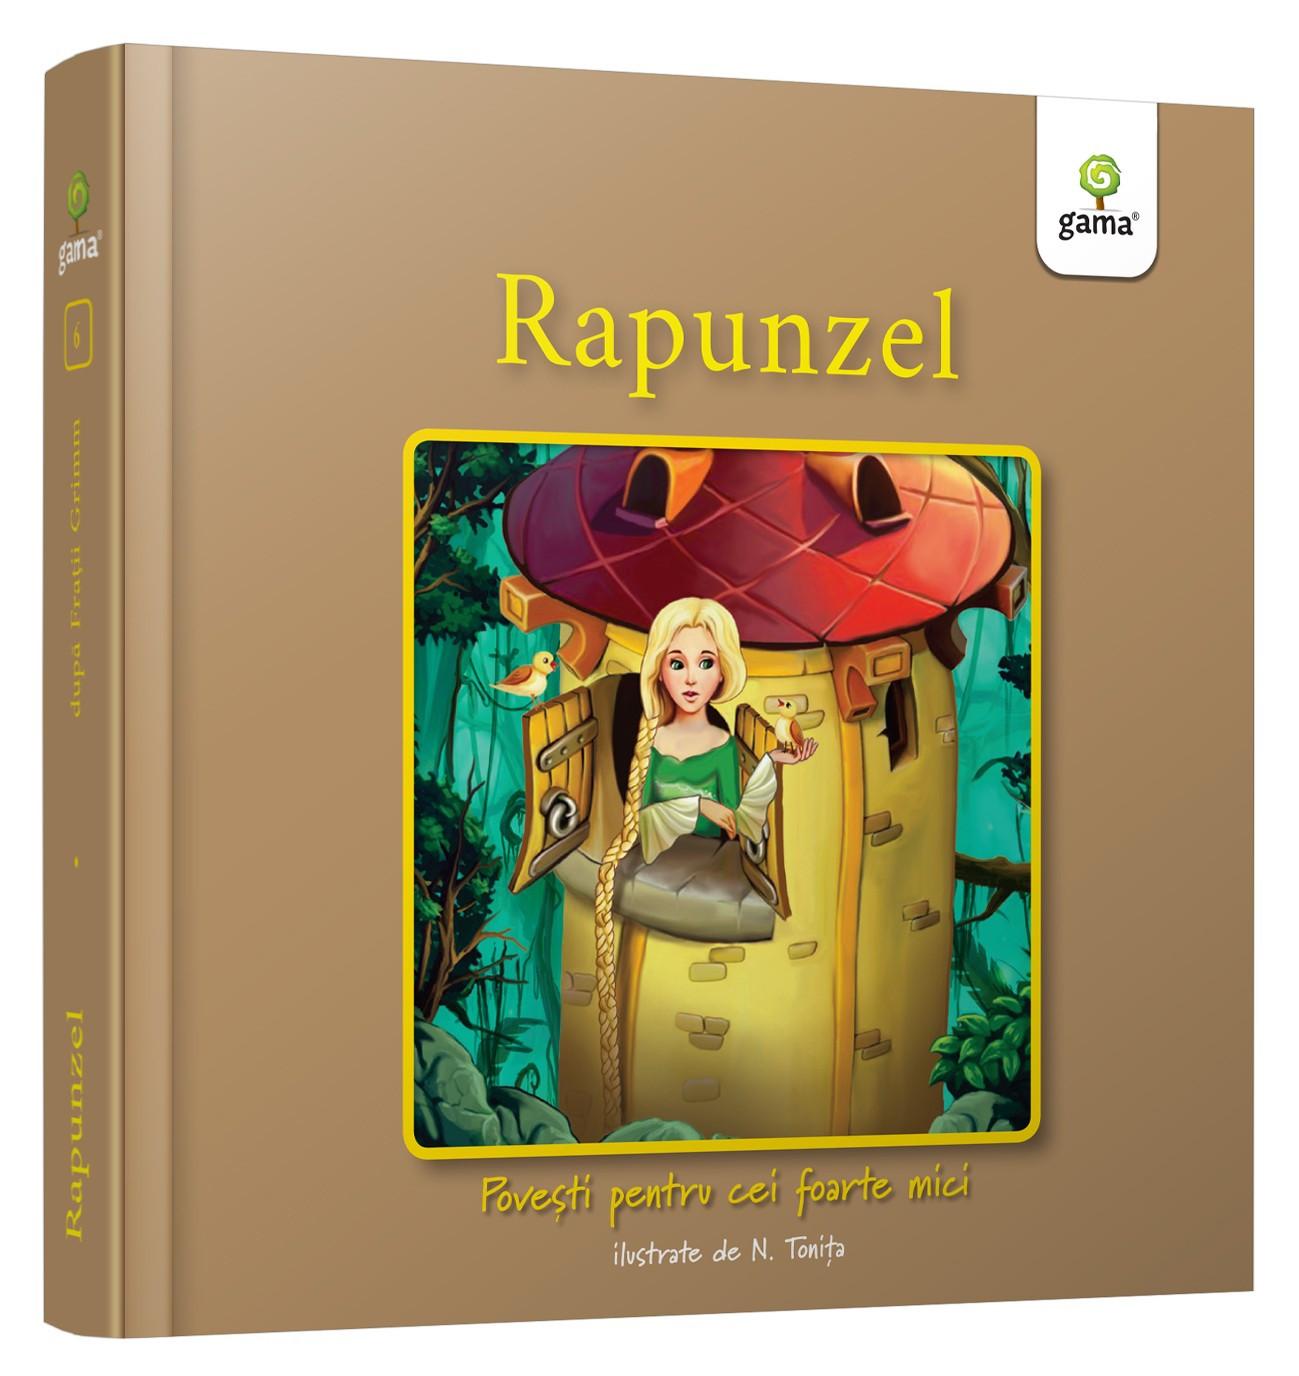 Rapunzel. POVEŞTI PENTRU CEI FOARTE MICI